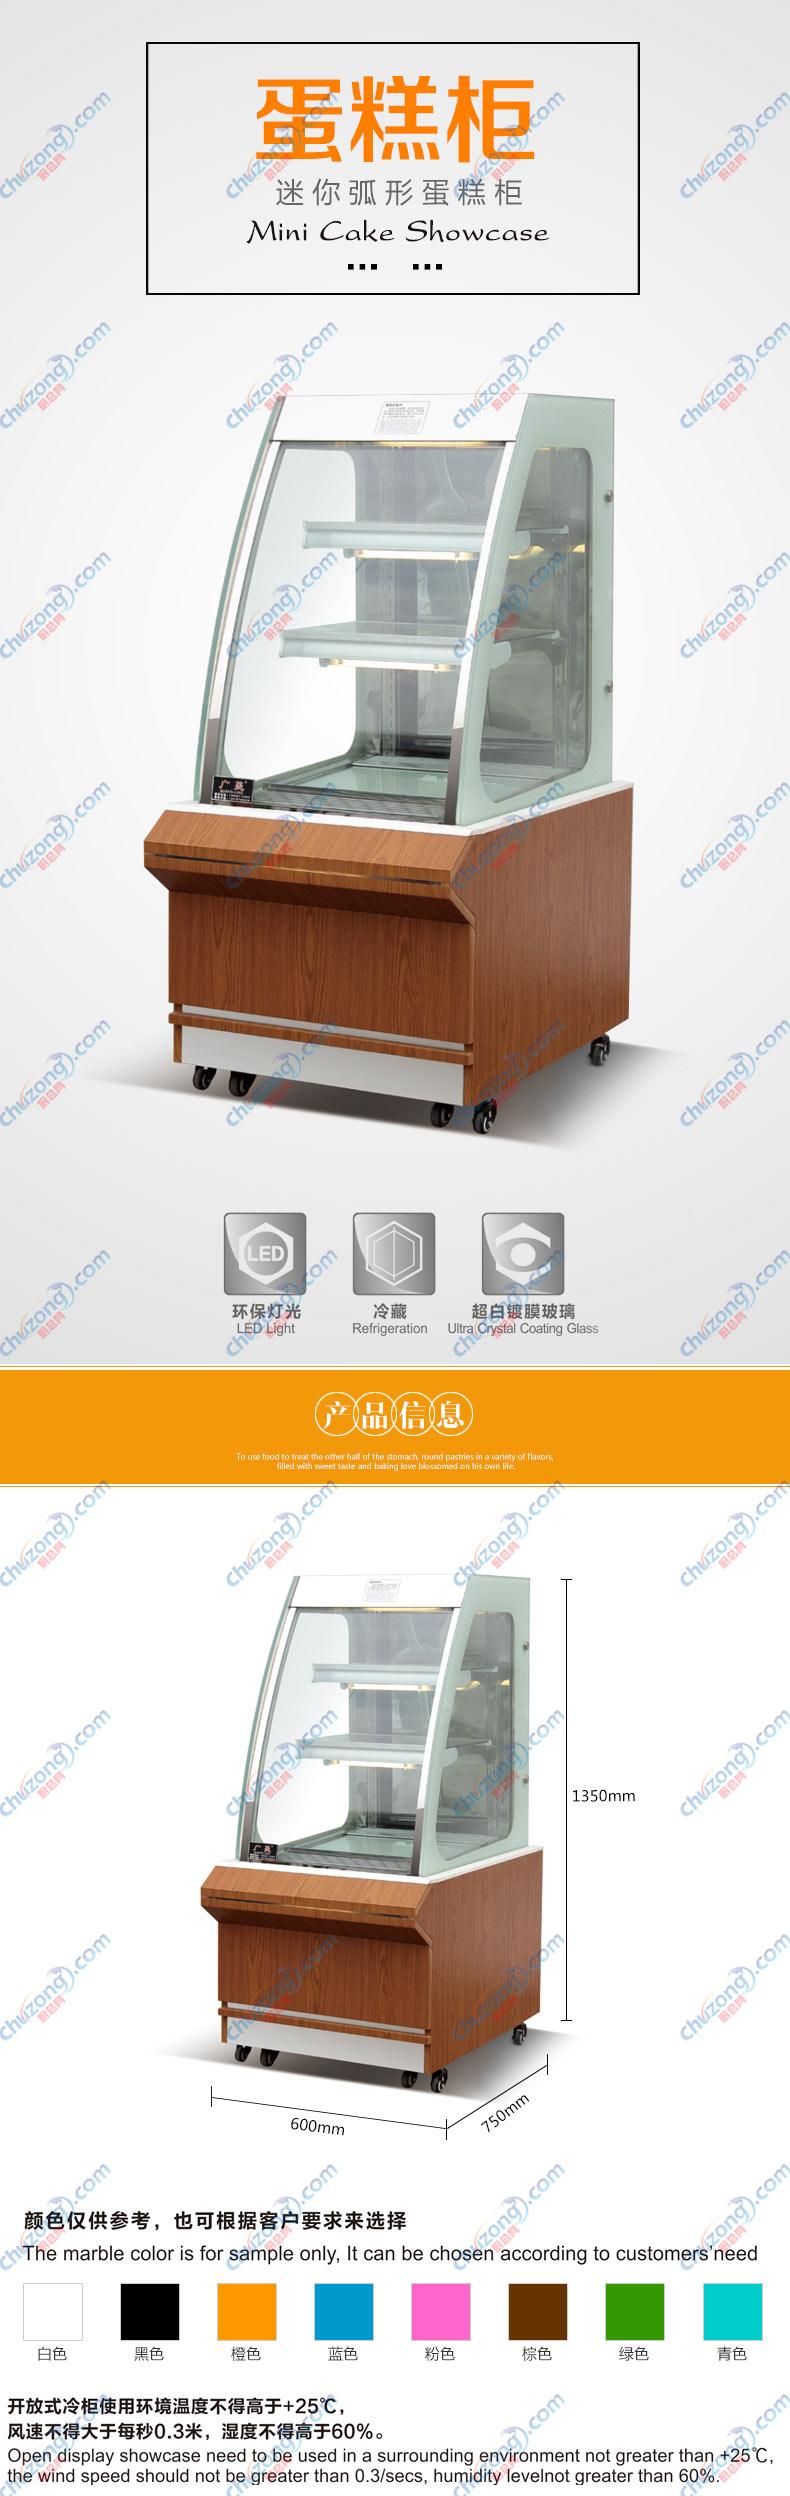 广菱型弧形蛋糕柜图片